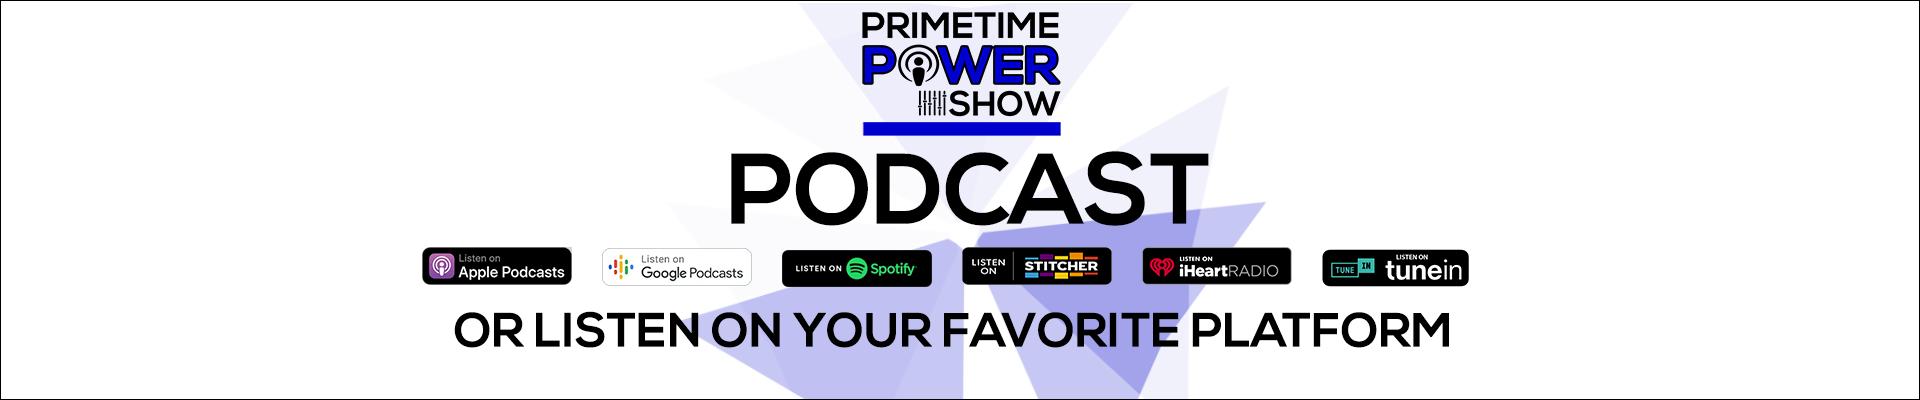 Primetime Power Show - Podcast